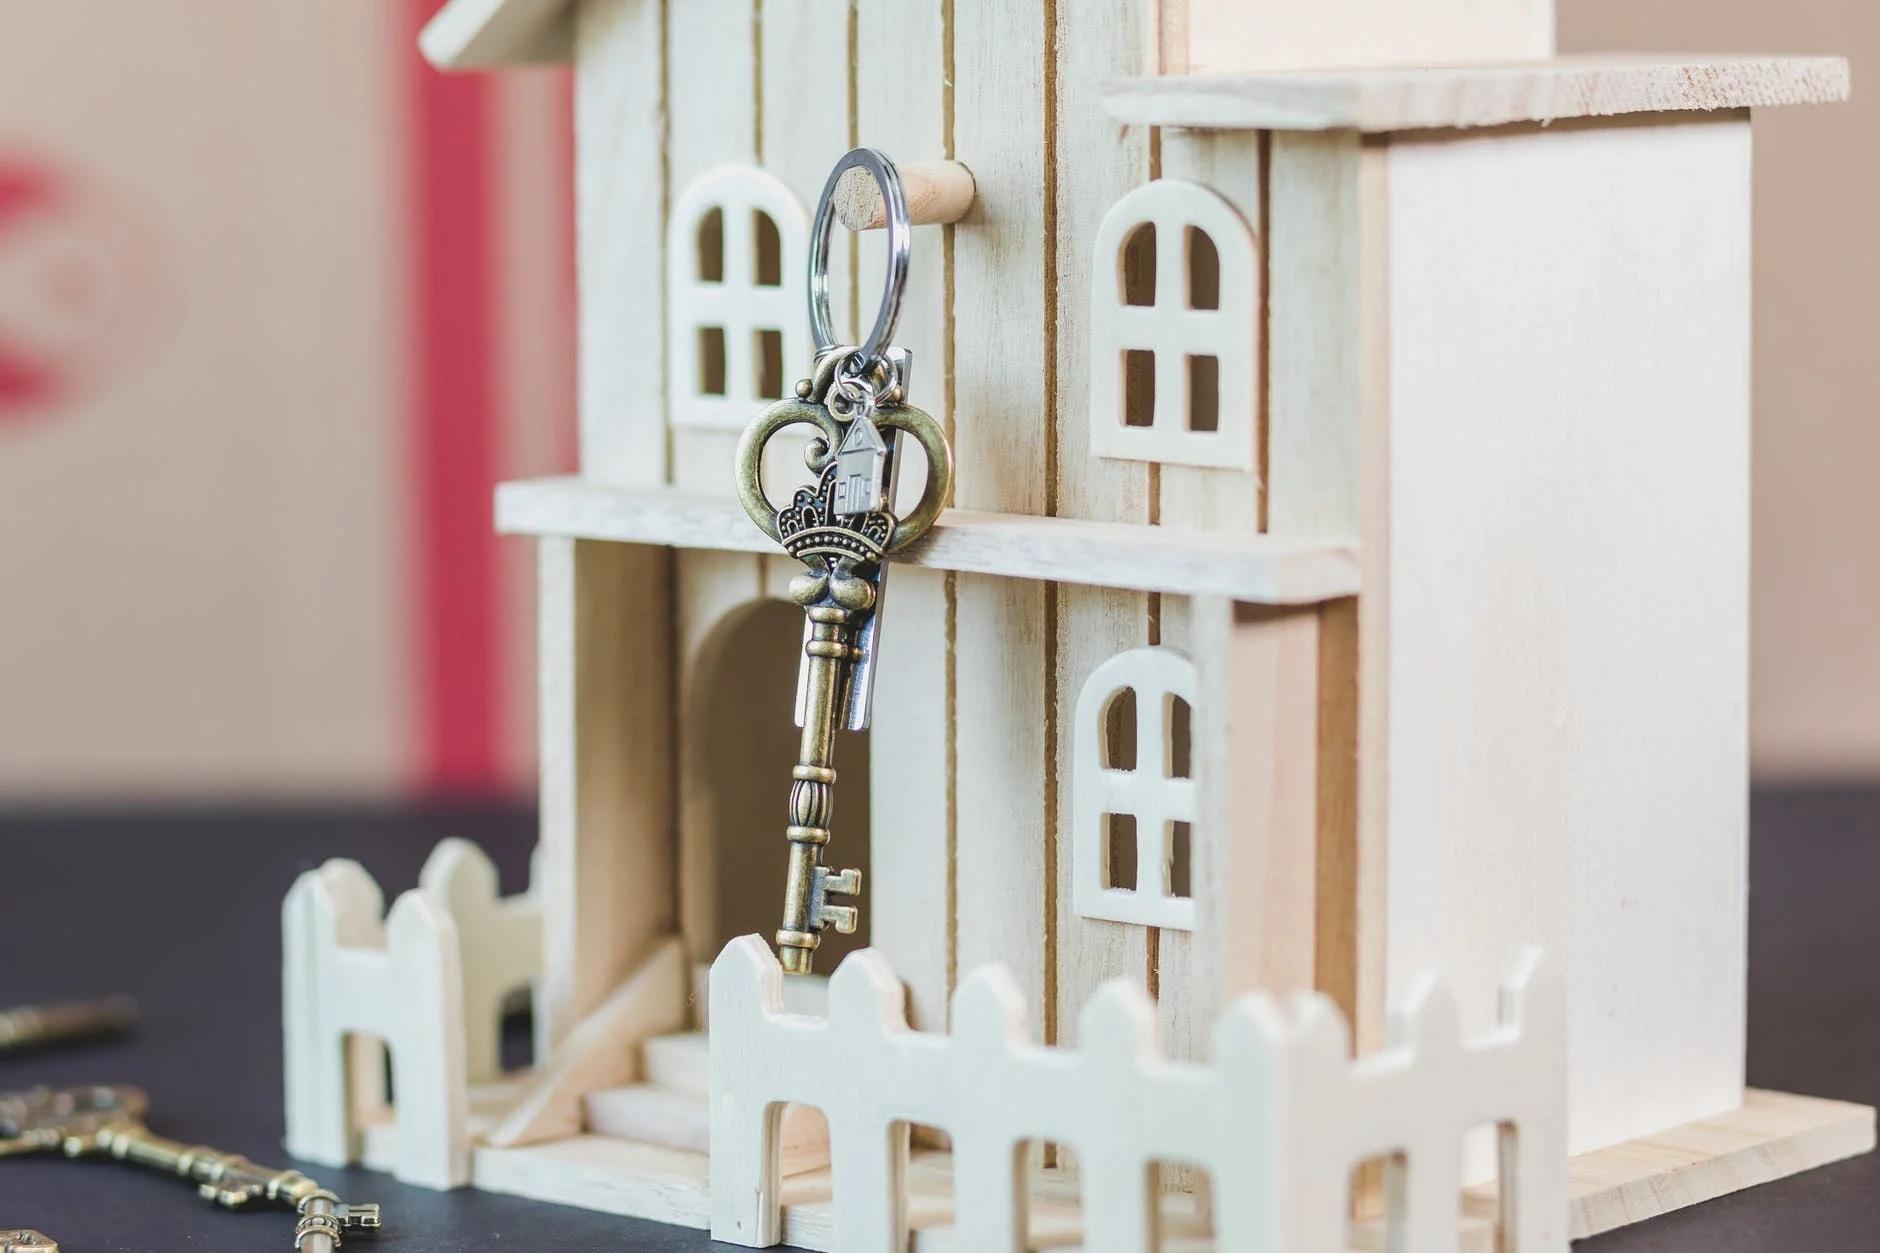 Maksimalkan Interior Rumah dengan Tempat Gantungan Kunci Terbaik